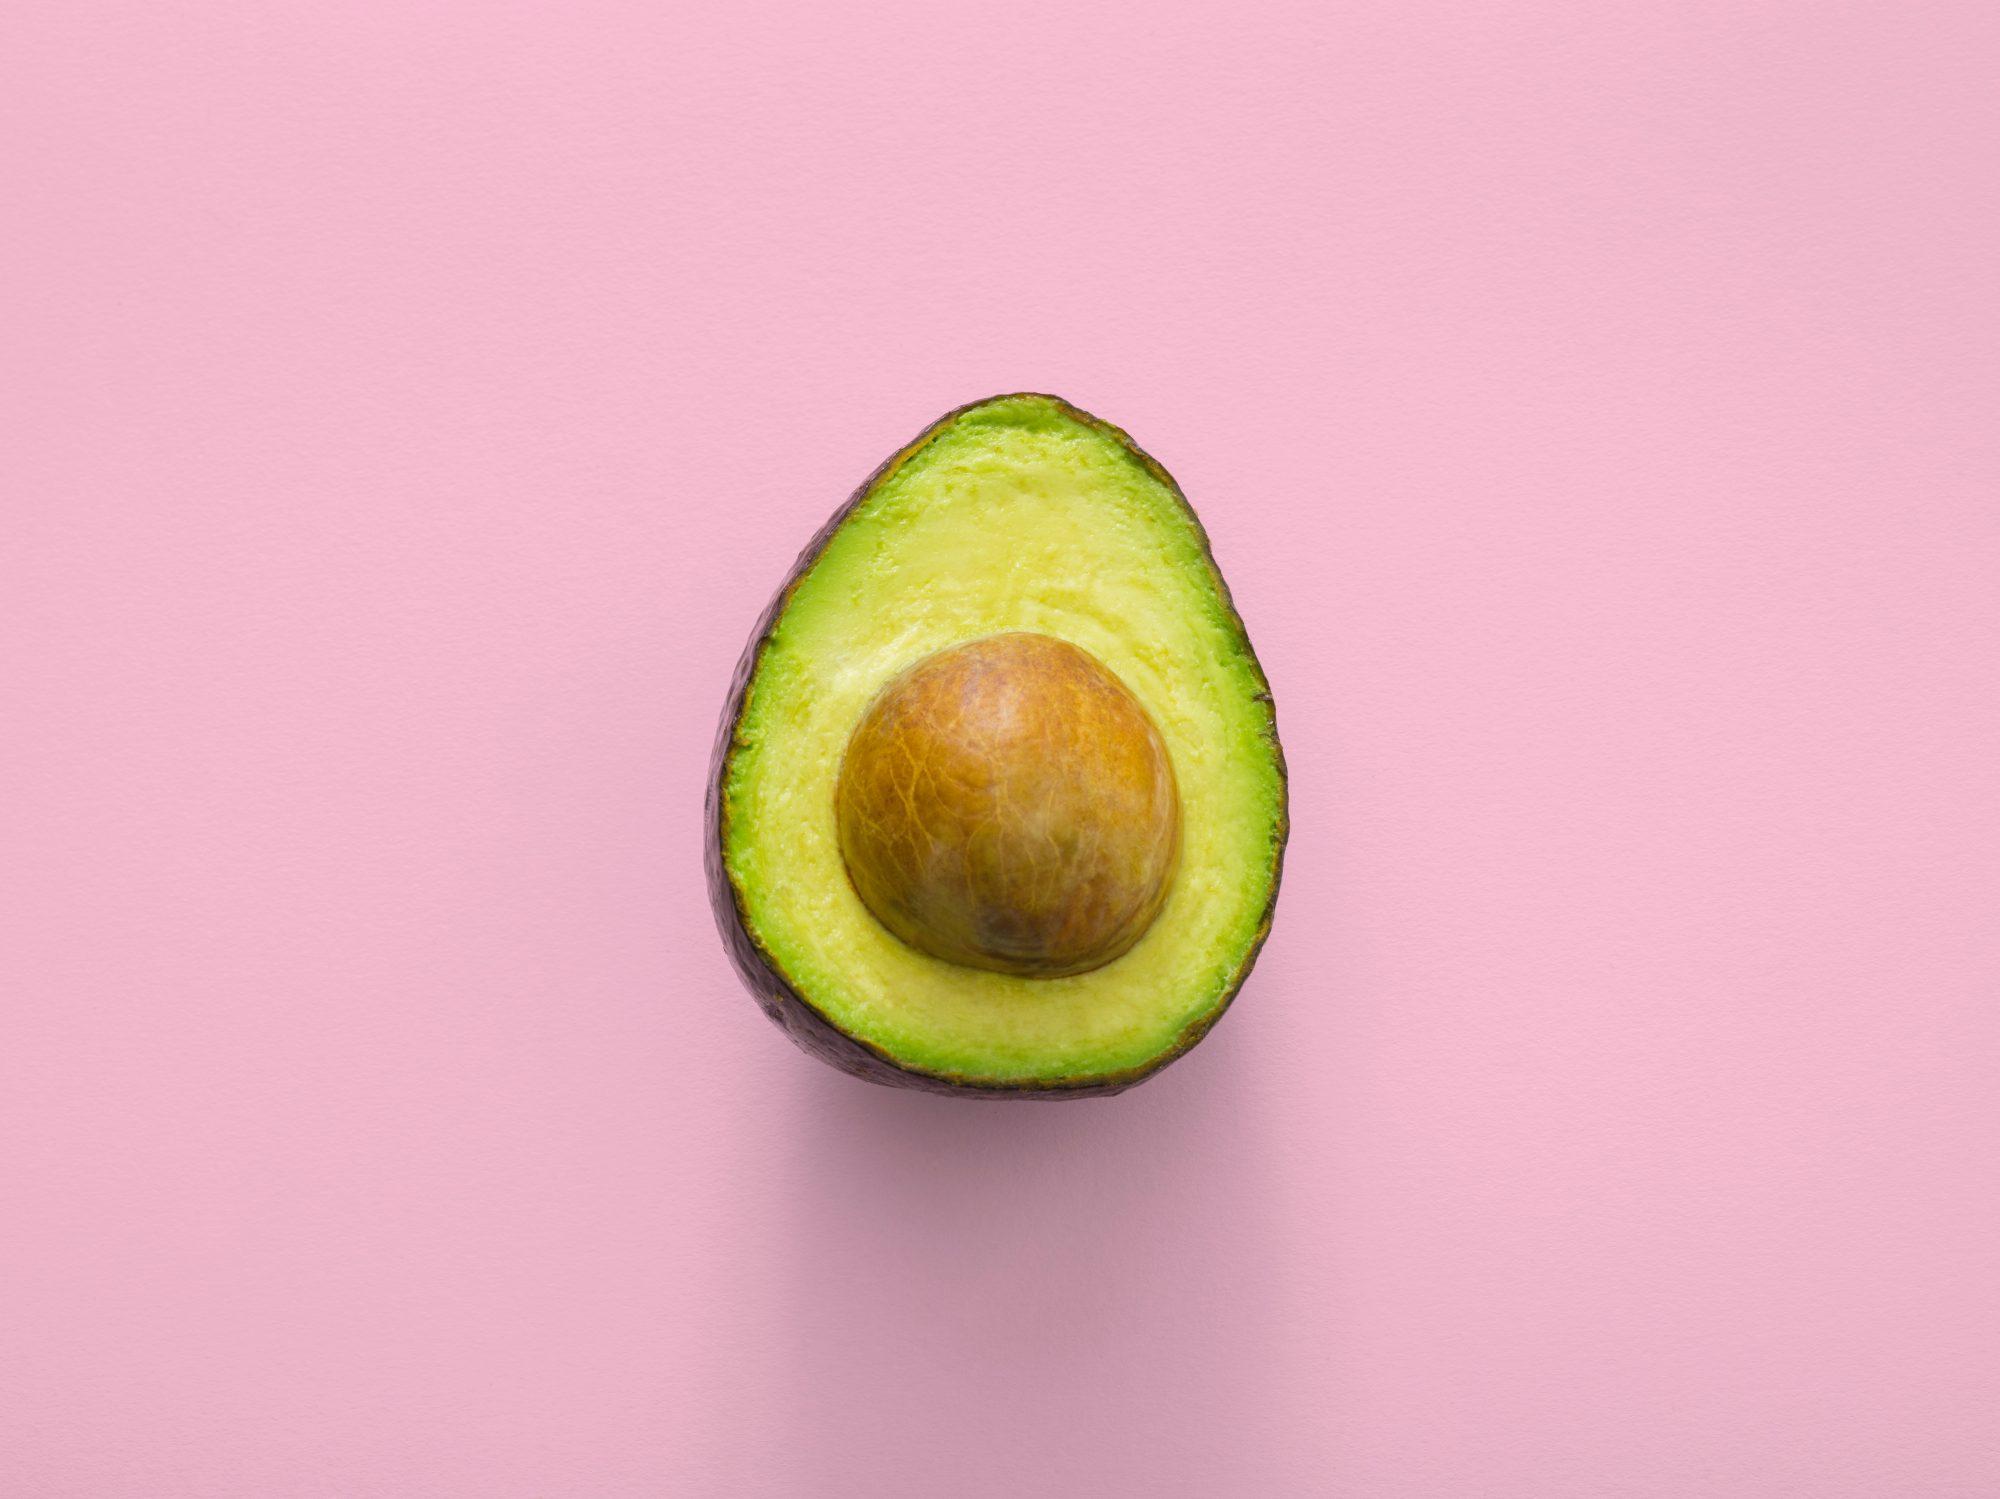 Os benefícios do abacate para quem faz exercício